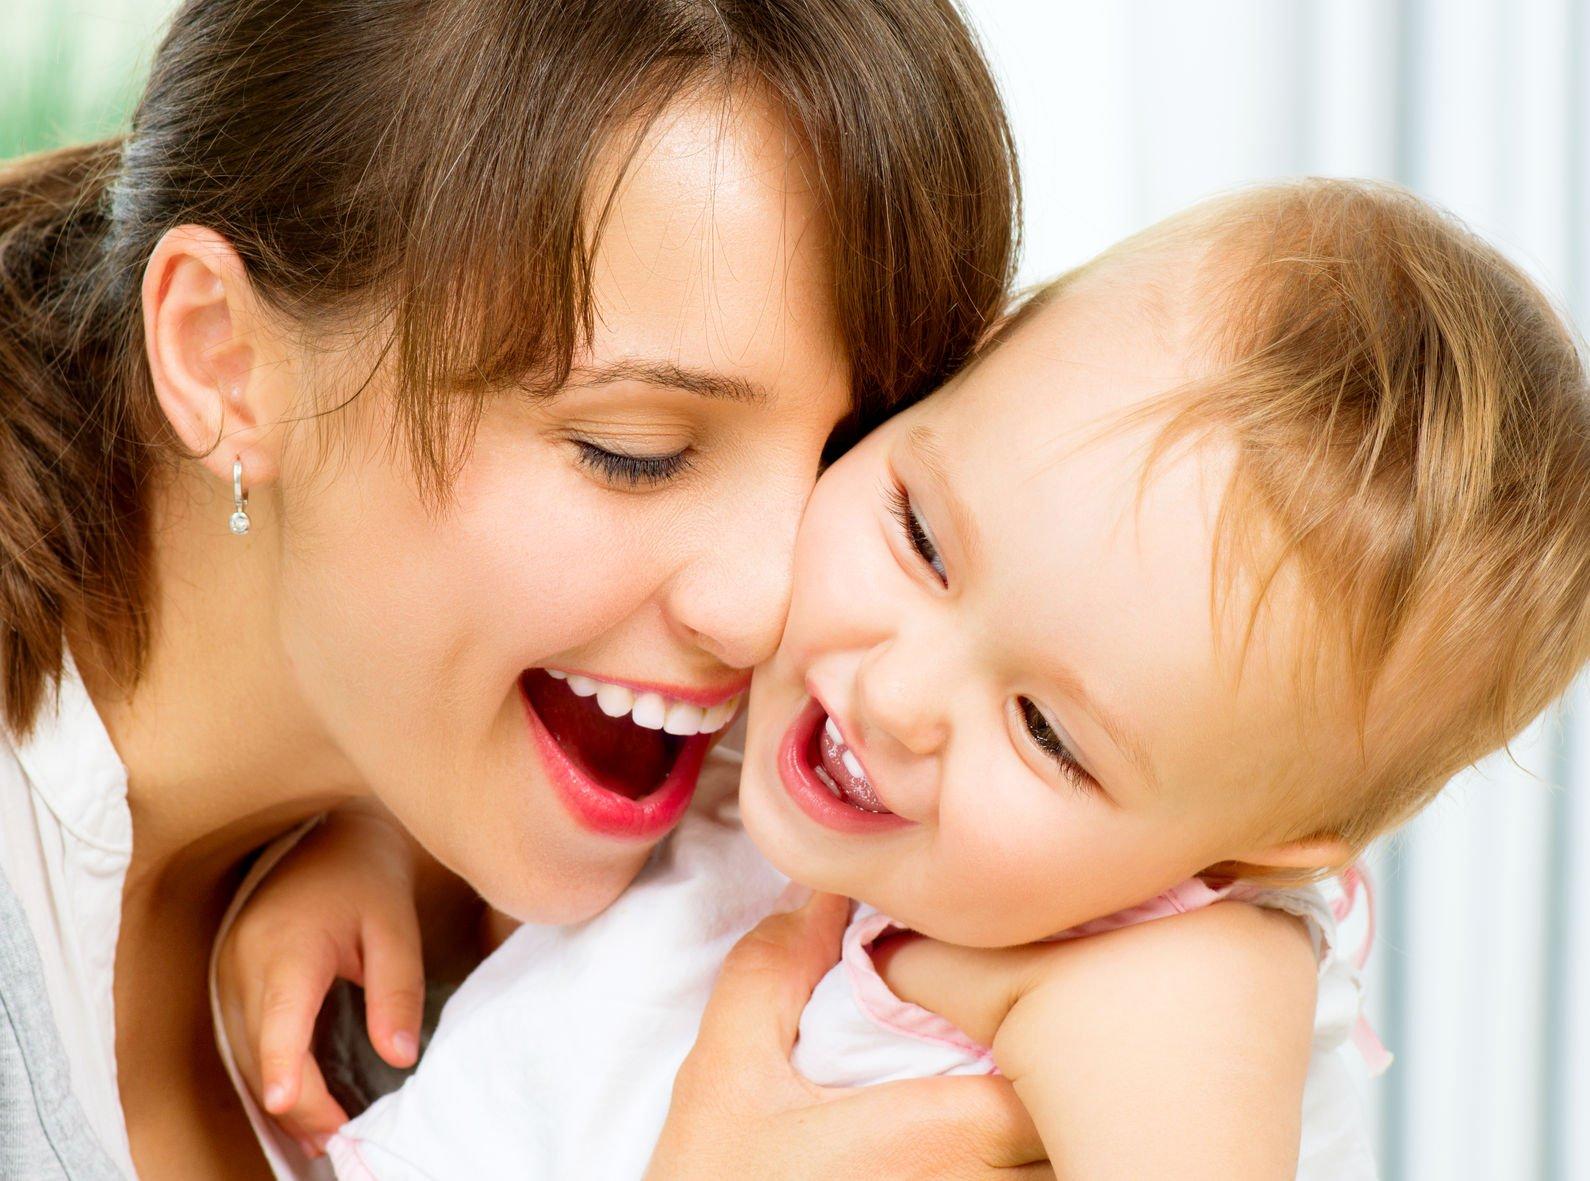 Лучшие фото матери и ребенка